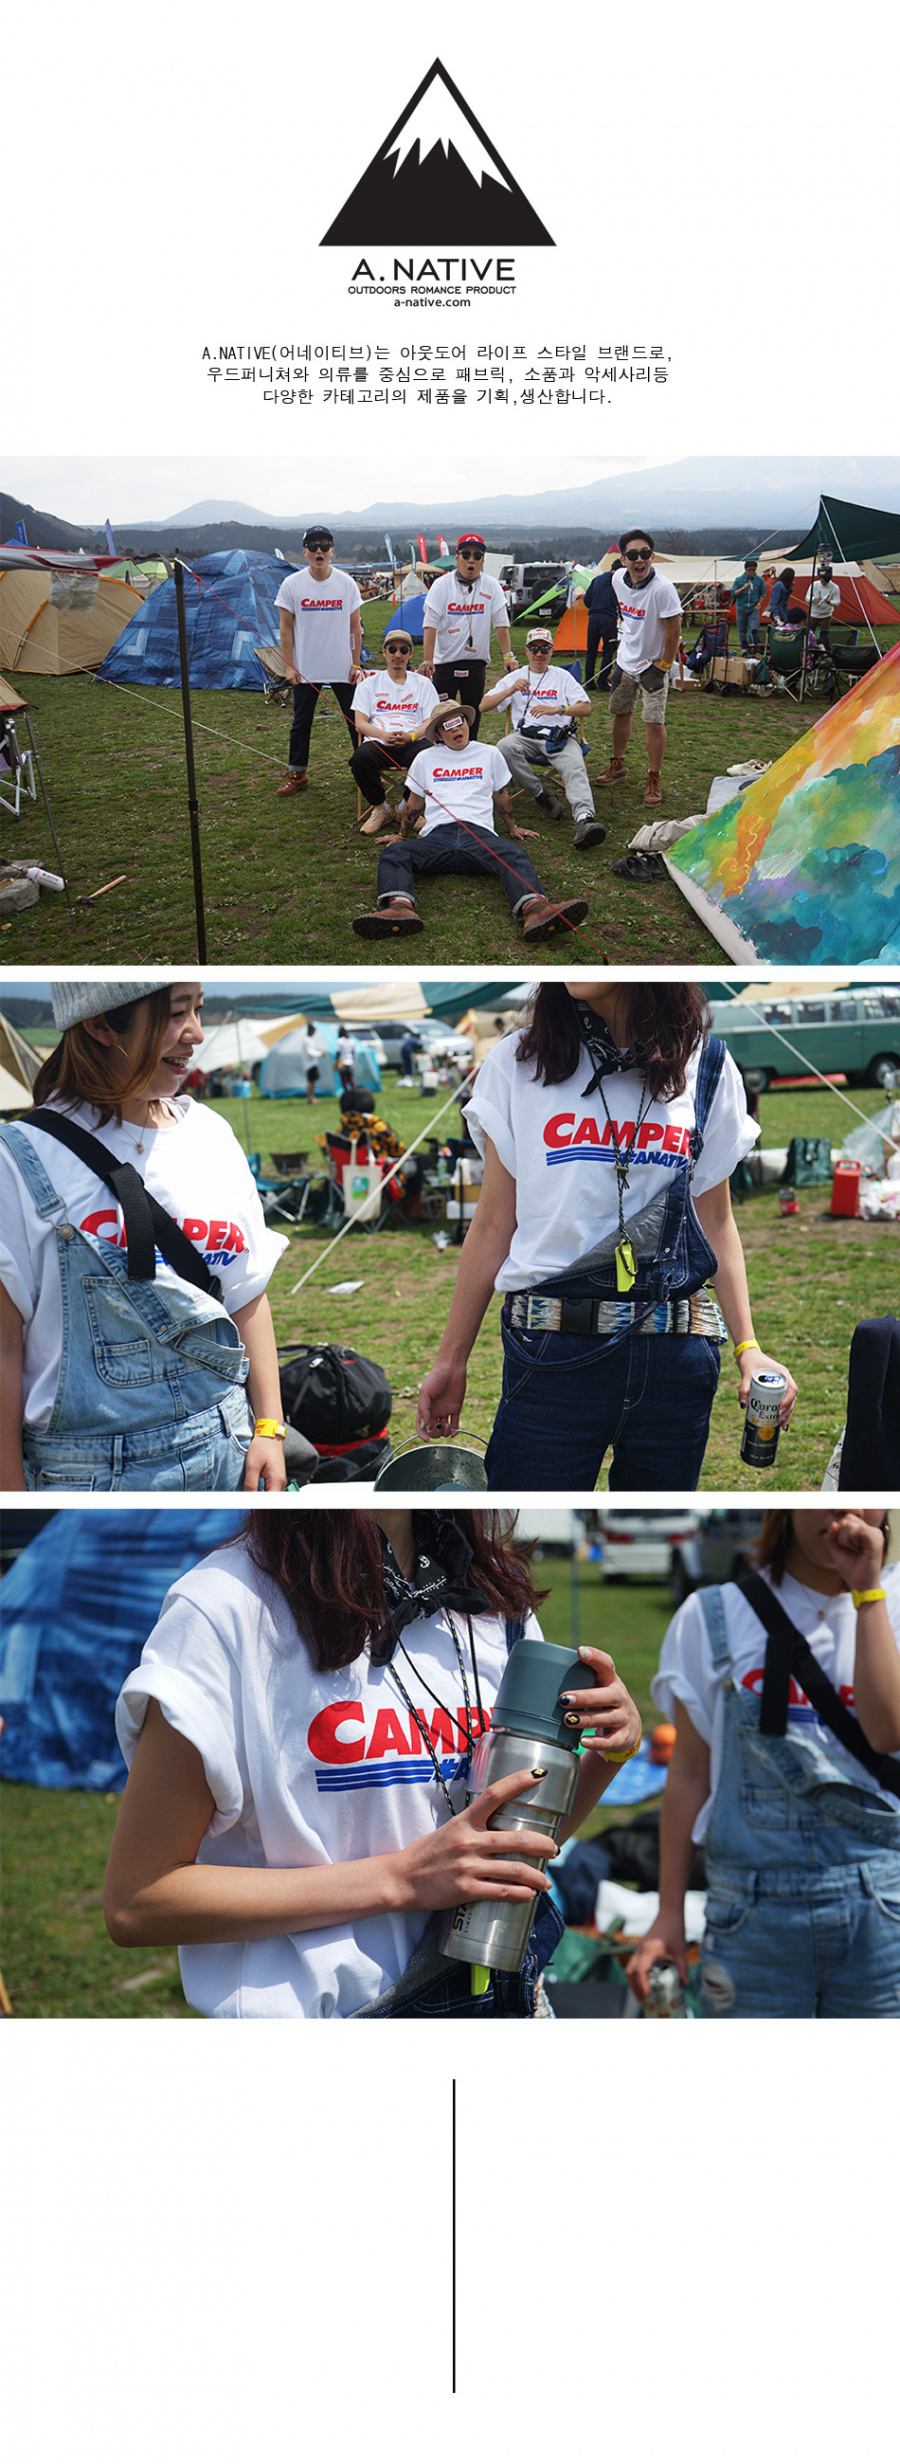 어네이티브(A.NATIVE) (16수) 핸드사인 아트웍 오버핏 로고 반팔 티셔츠  (라이트 베이지)